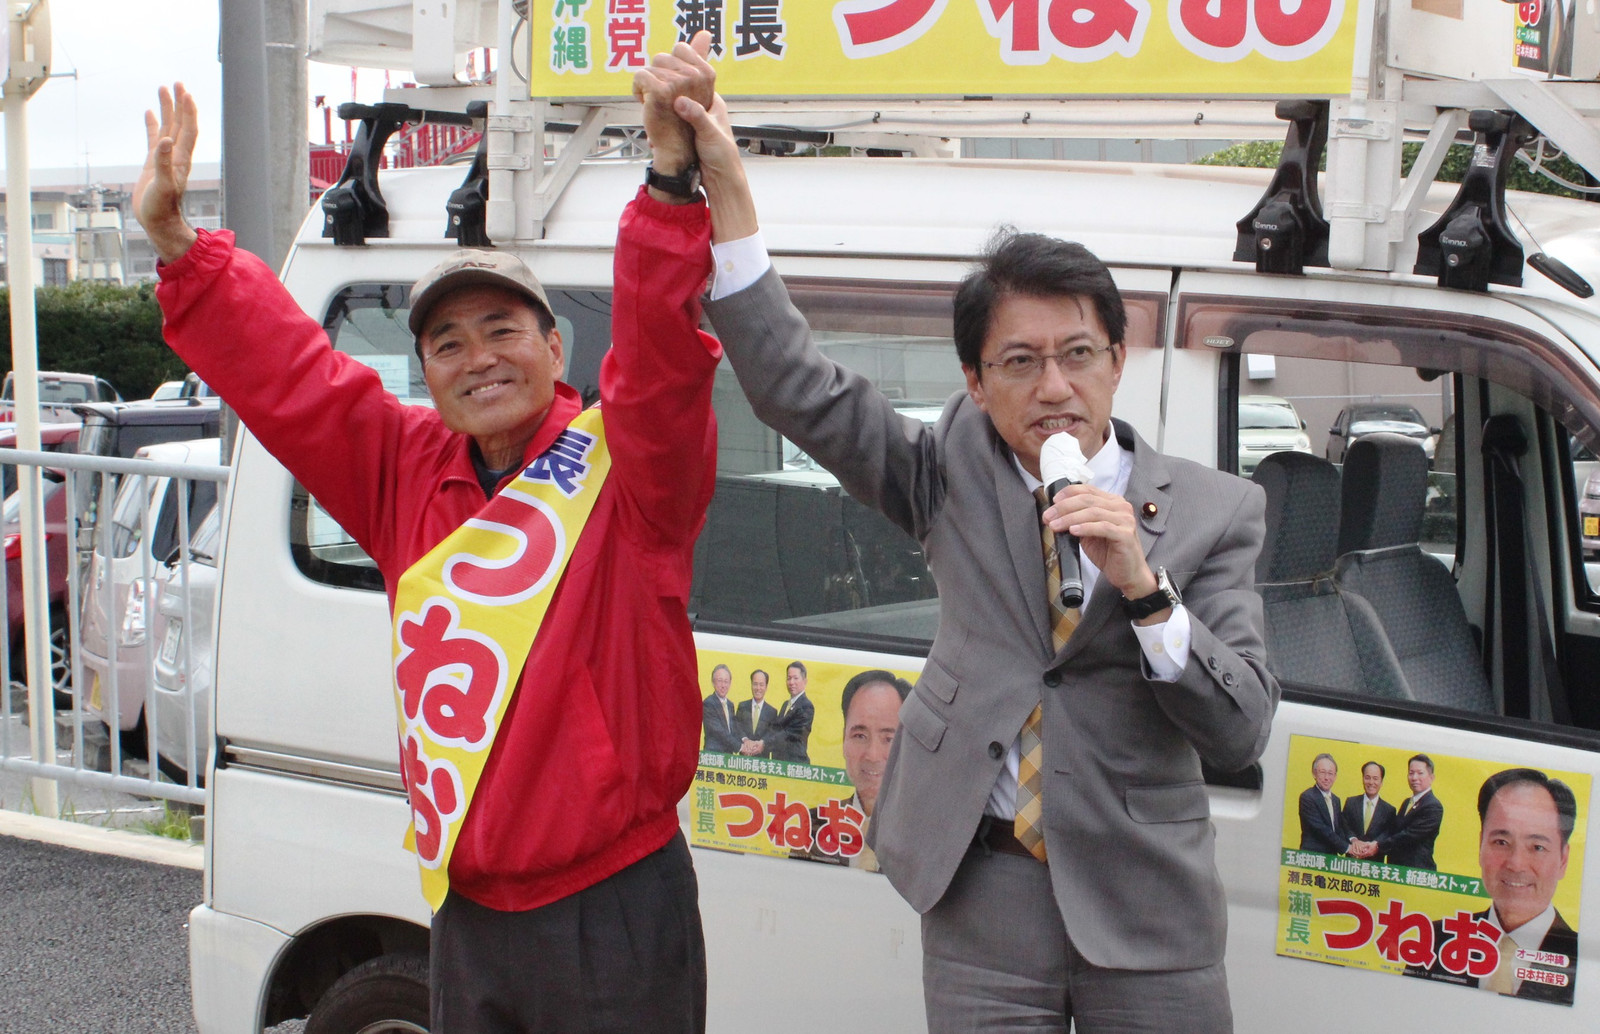 瀬長つねお候補と訴える田村衆院議員(右)=7日、沖縄県豊見城市